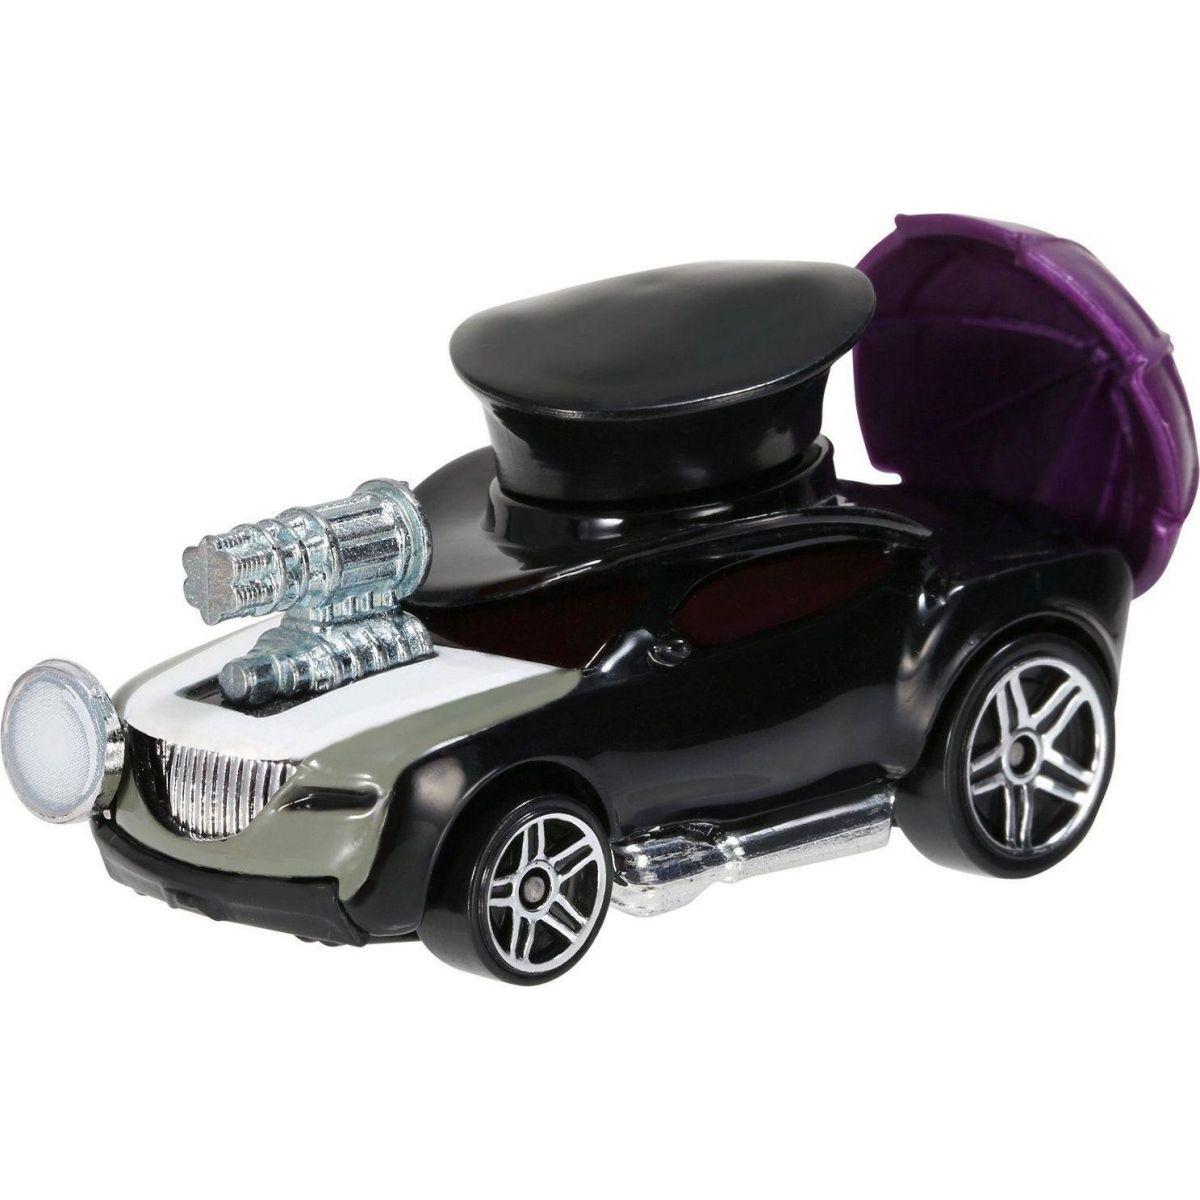 Hot Wheels DC kultovní angličák The Penguin